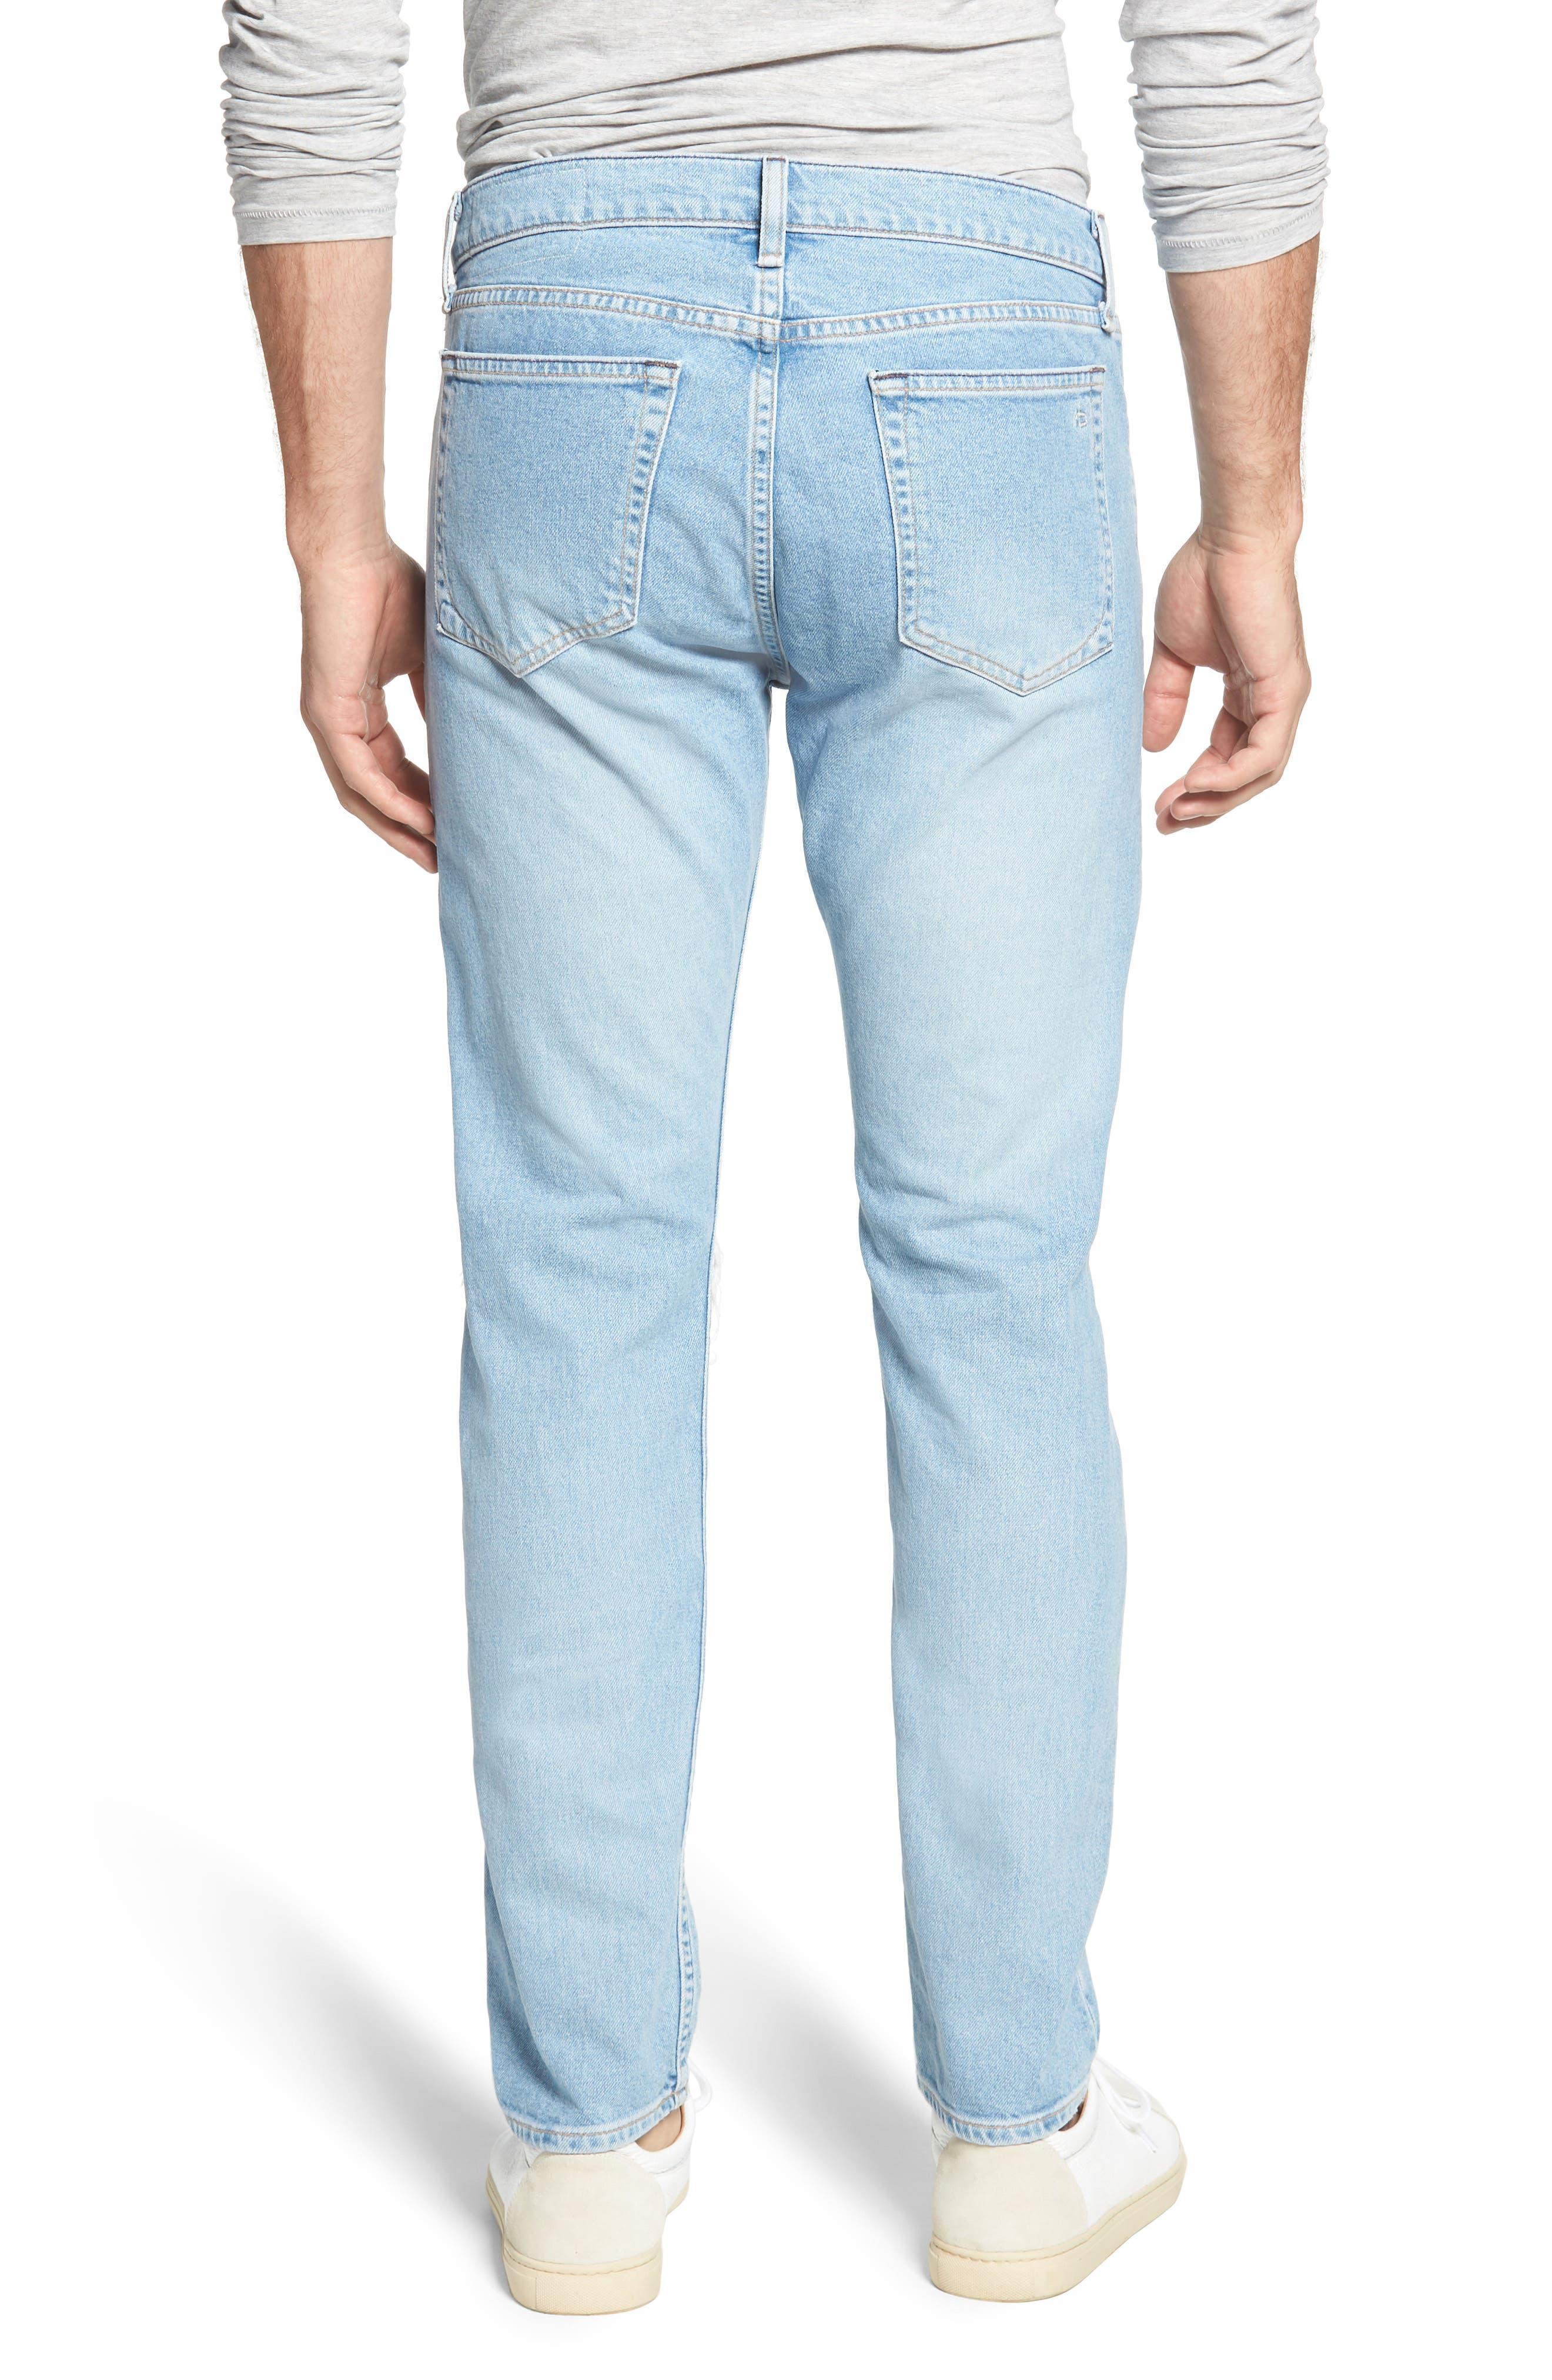 Fit 2 Slim Fit Jeans,                             Alternate thumbnail 2, color,                             MONTAUK W/ HOLE